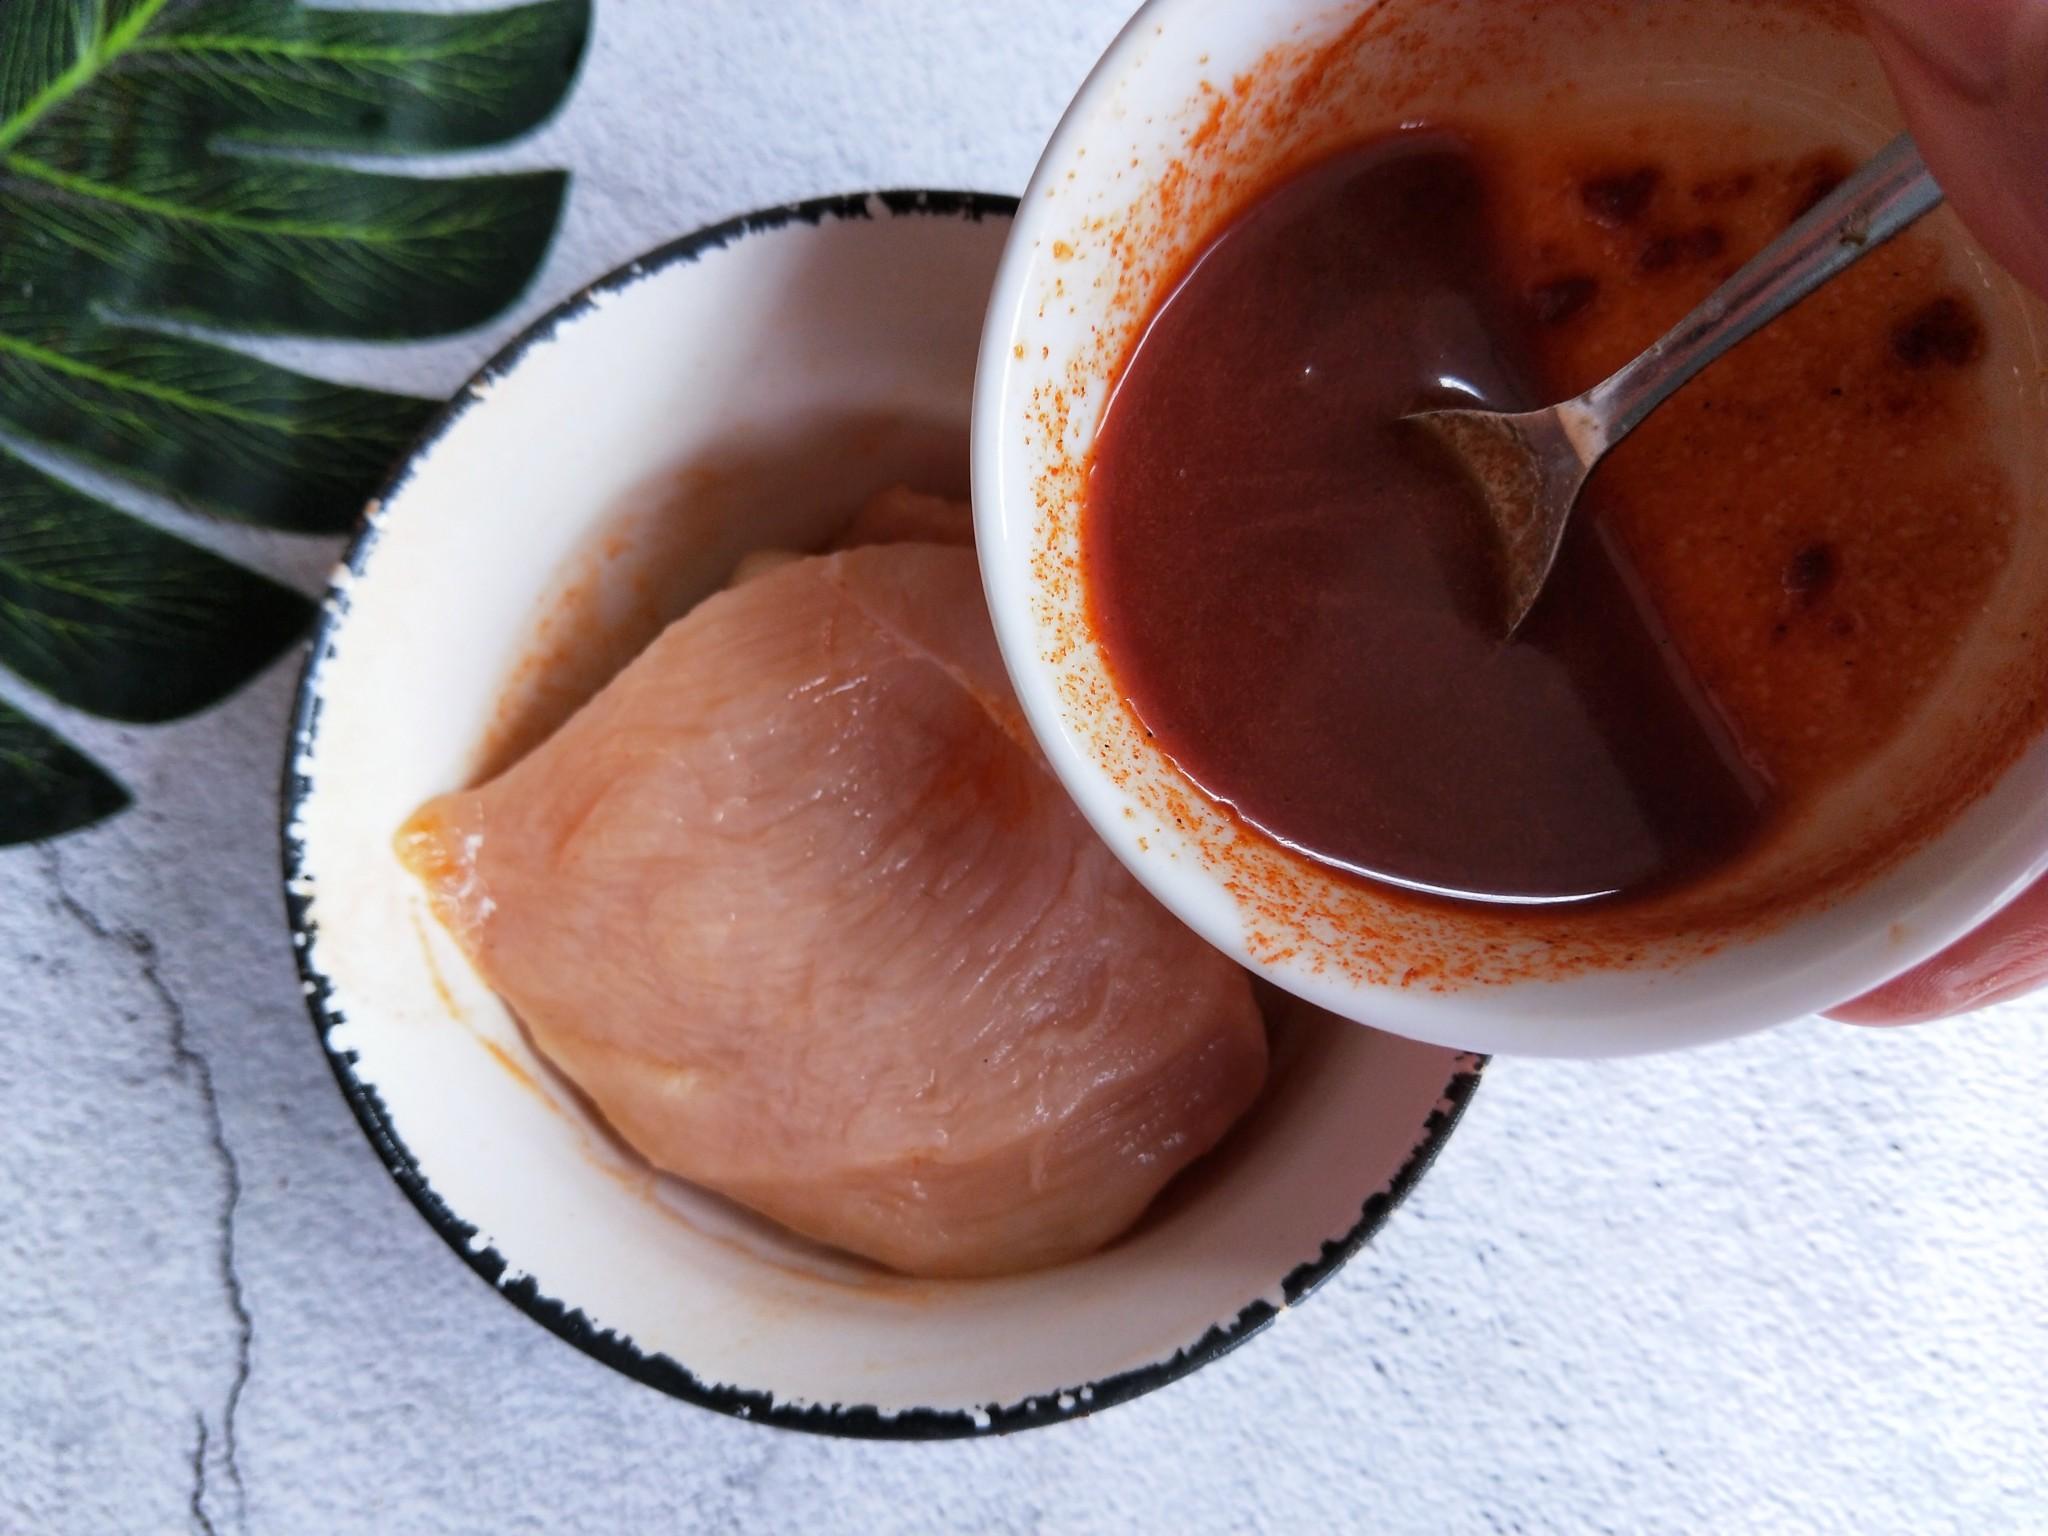 空气炸锅做的鸡扒,无油低脂可香了的家常做法